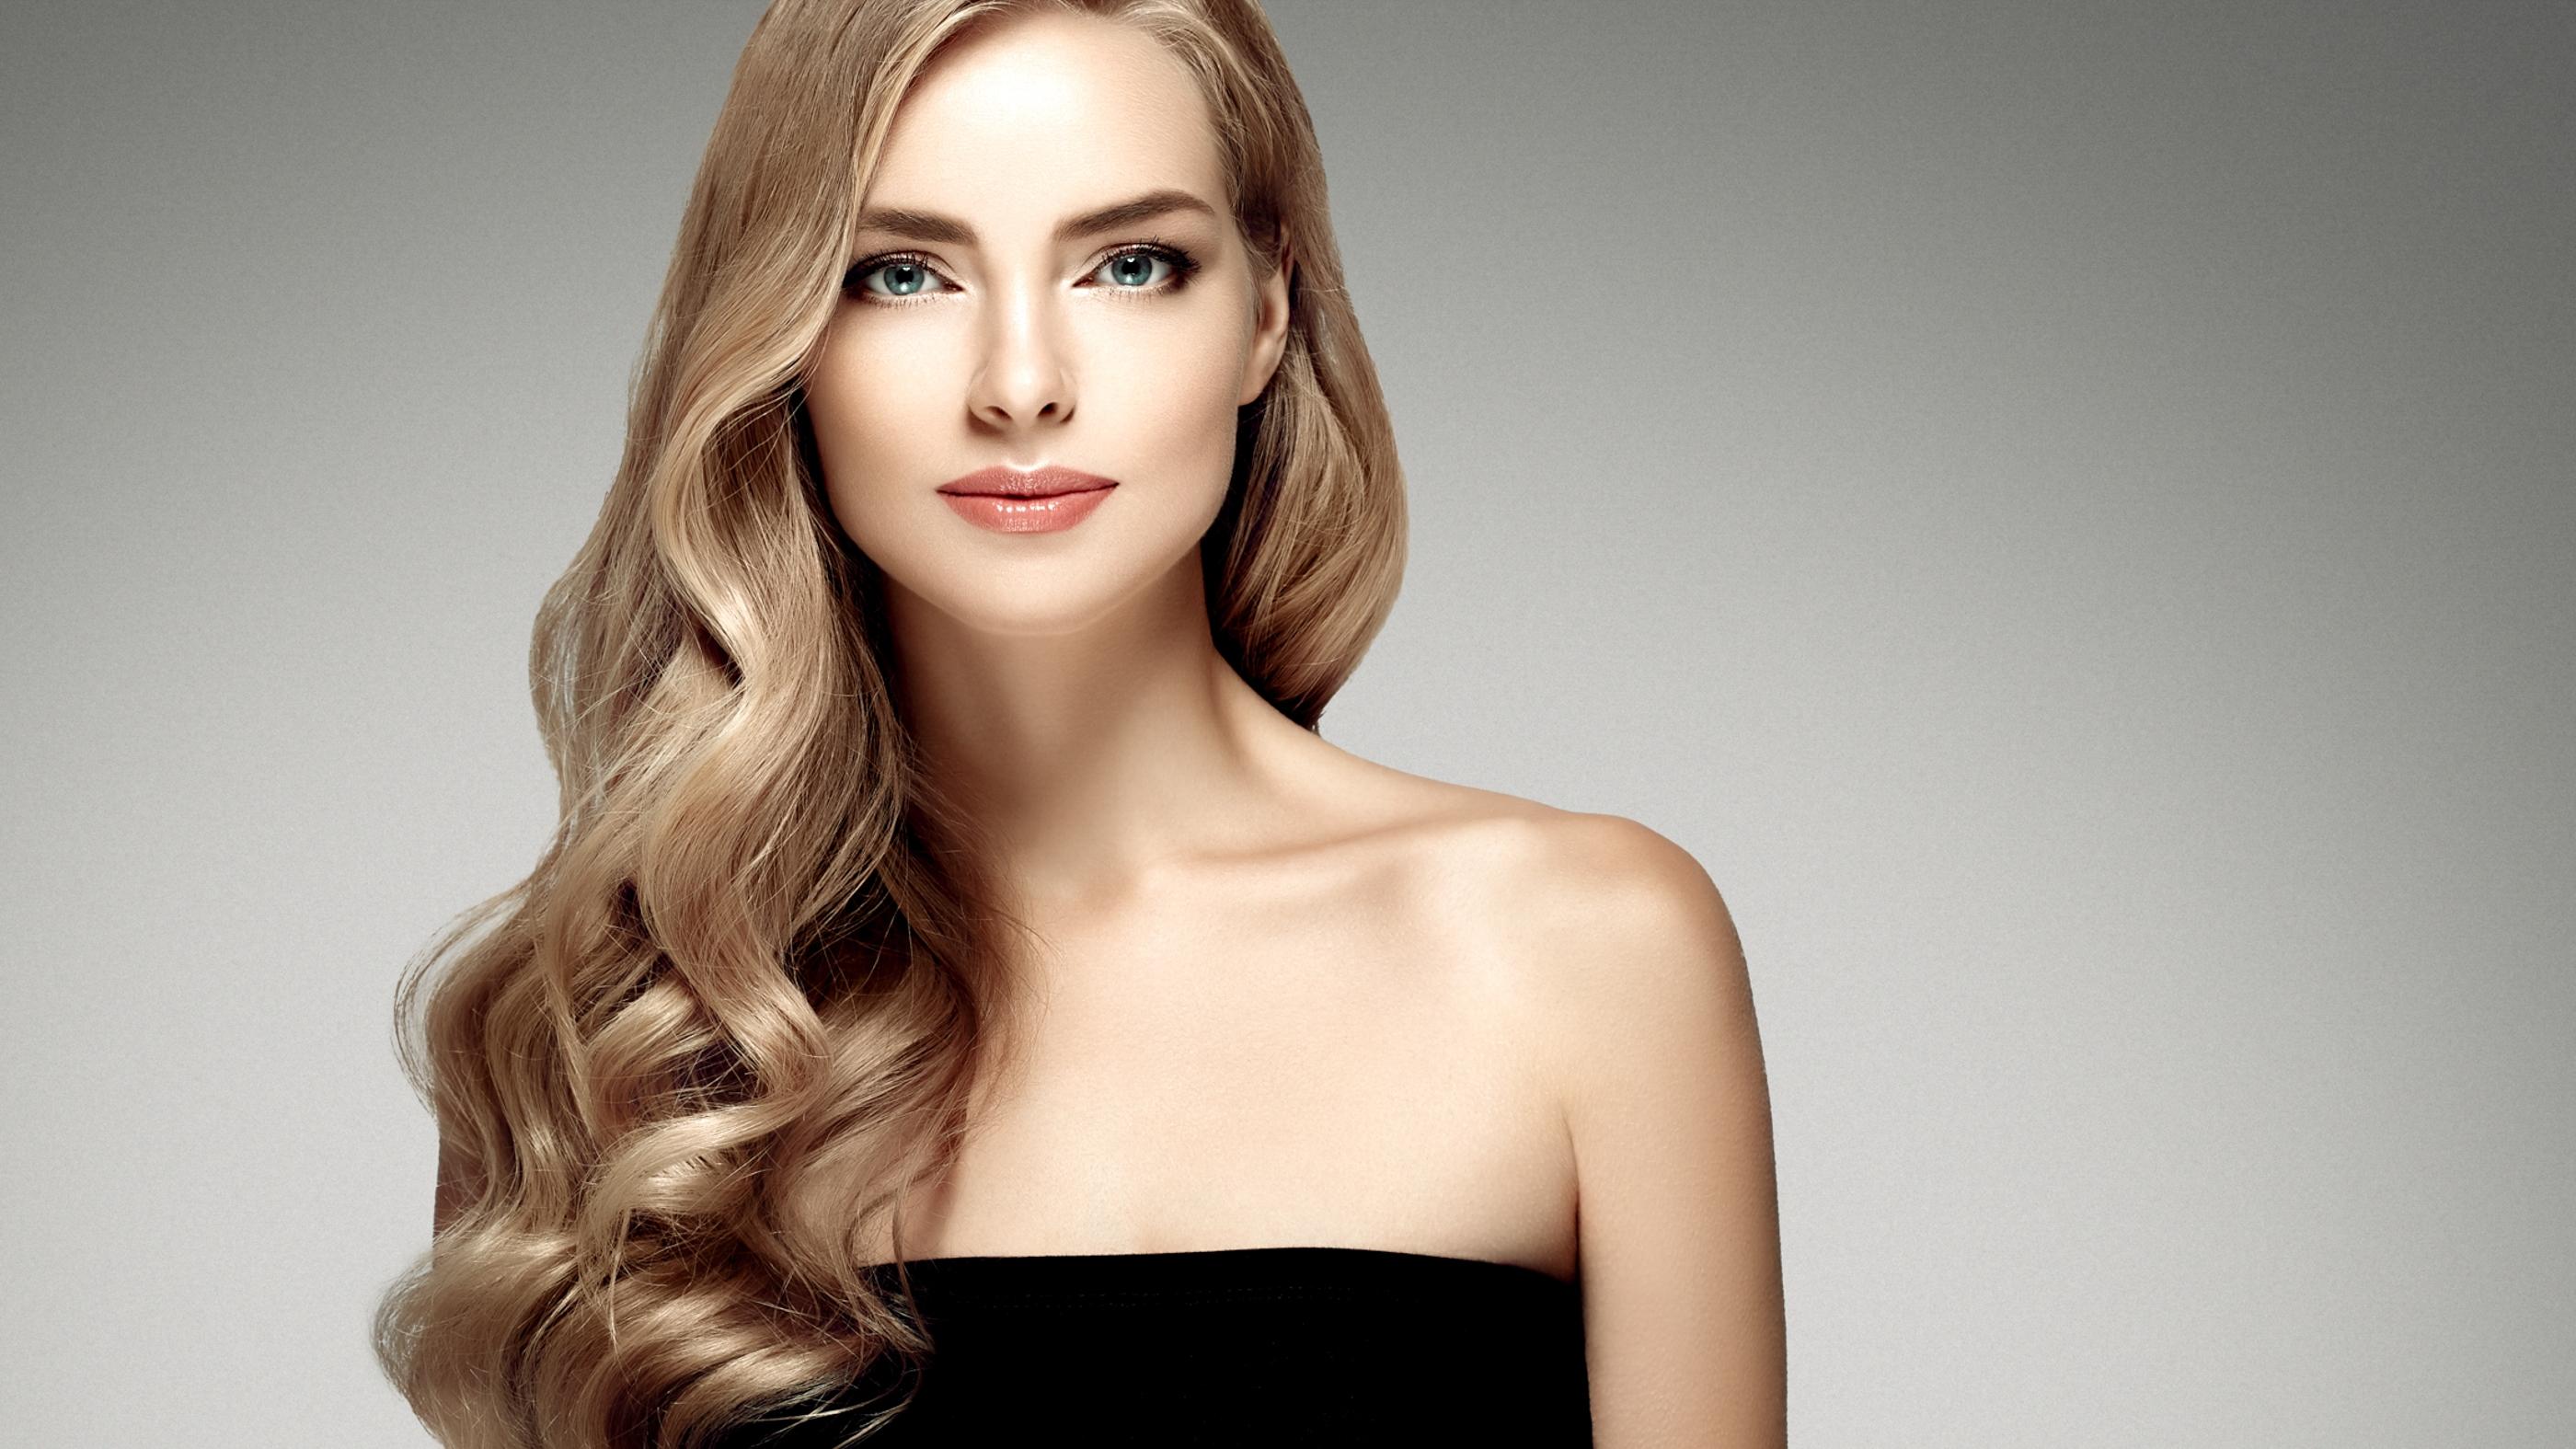 amazing-woman-hair-portrait-beautiful-girl-long-wa-cwayhhc-inpixio.jpg